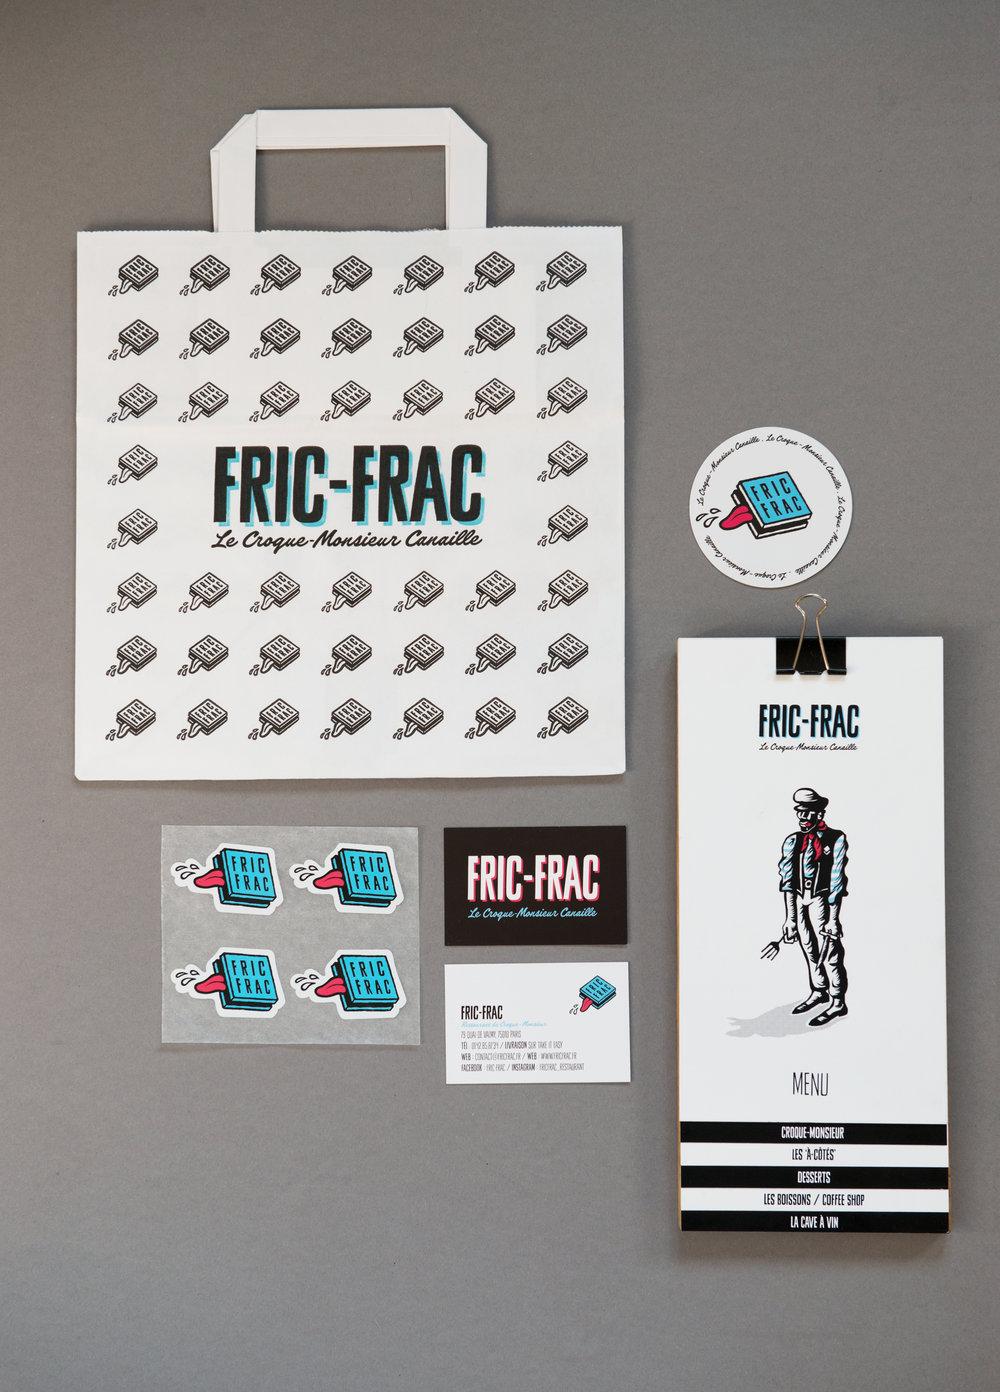 fric-frac-restaurant-chispa-pabloka-menu.jpg